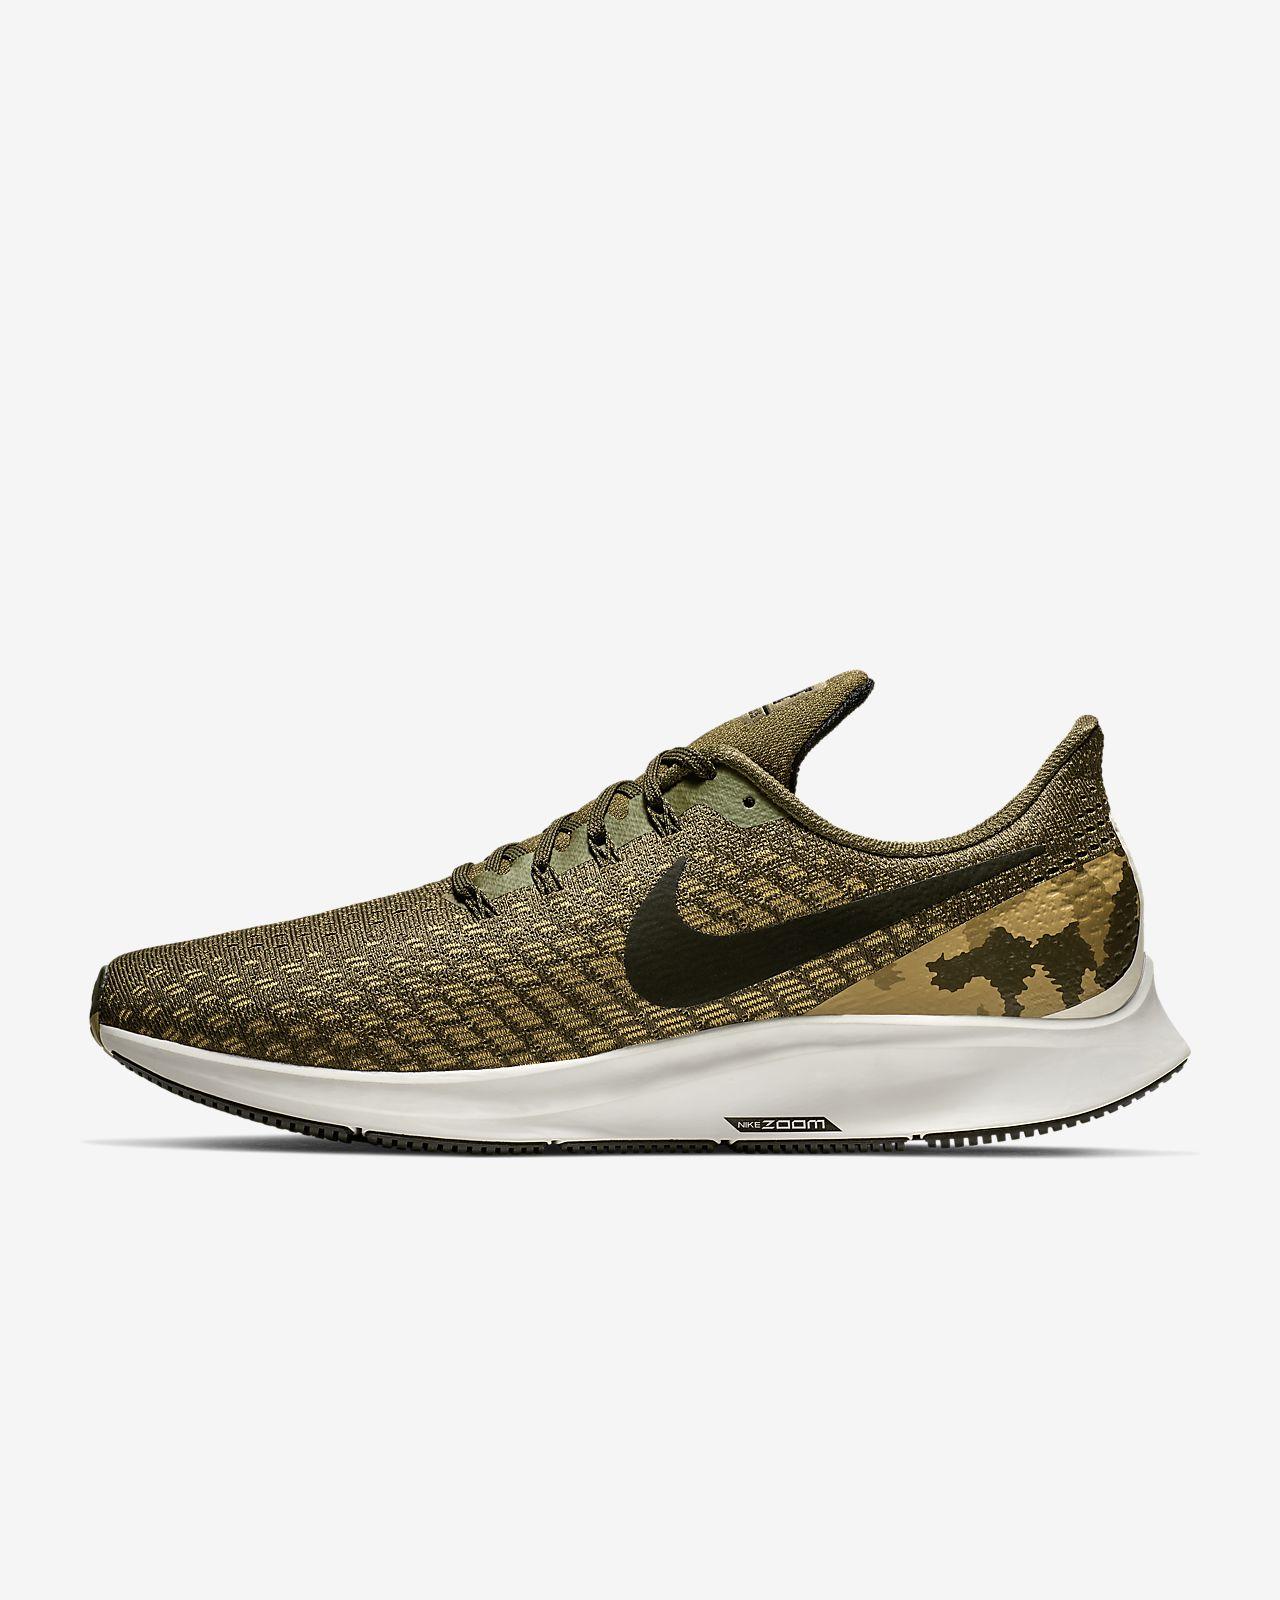 Ανδρικό παπούτσι για τρέξιμο με μοτίβο παραλλαγής Nike Air Zoom Pegasus 35